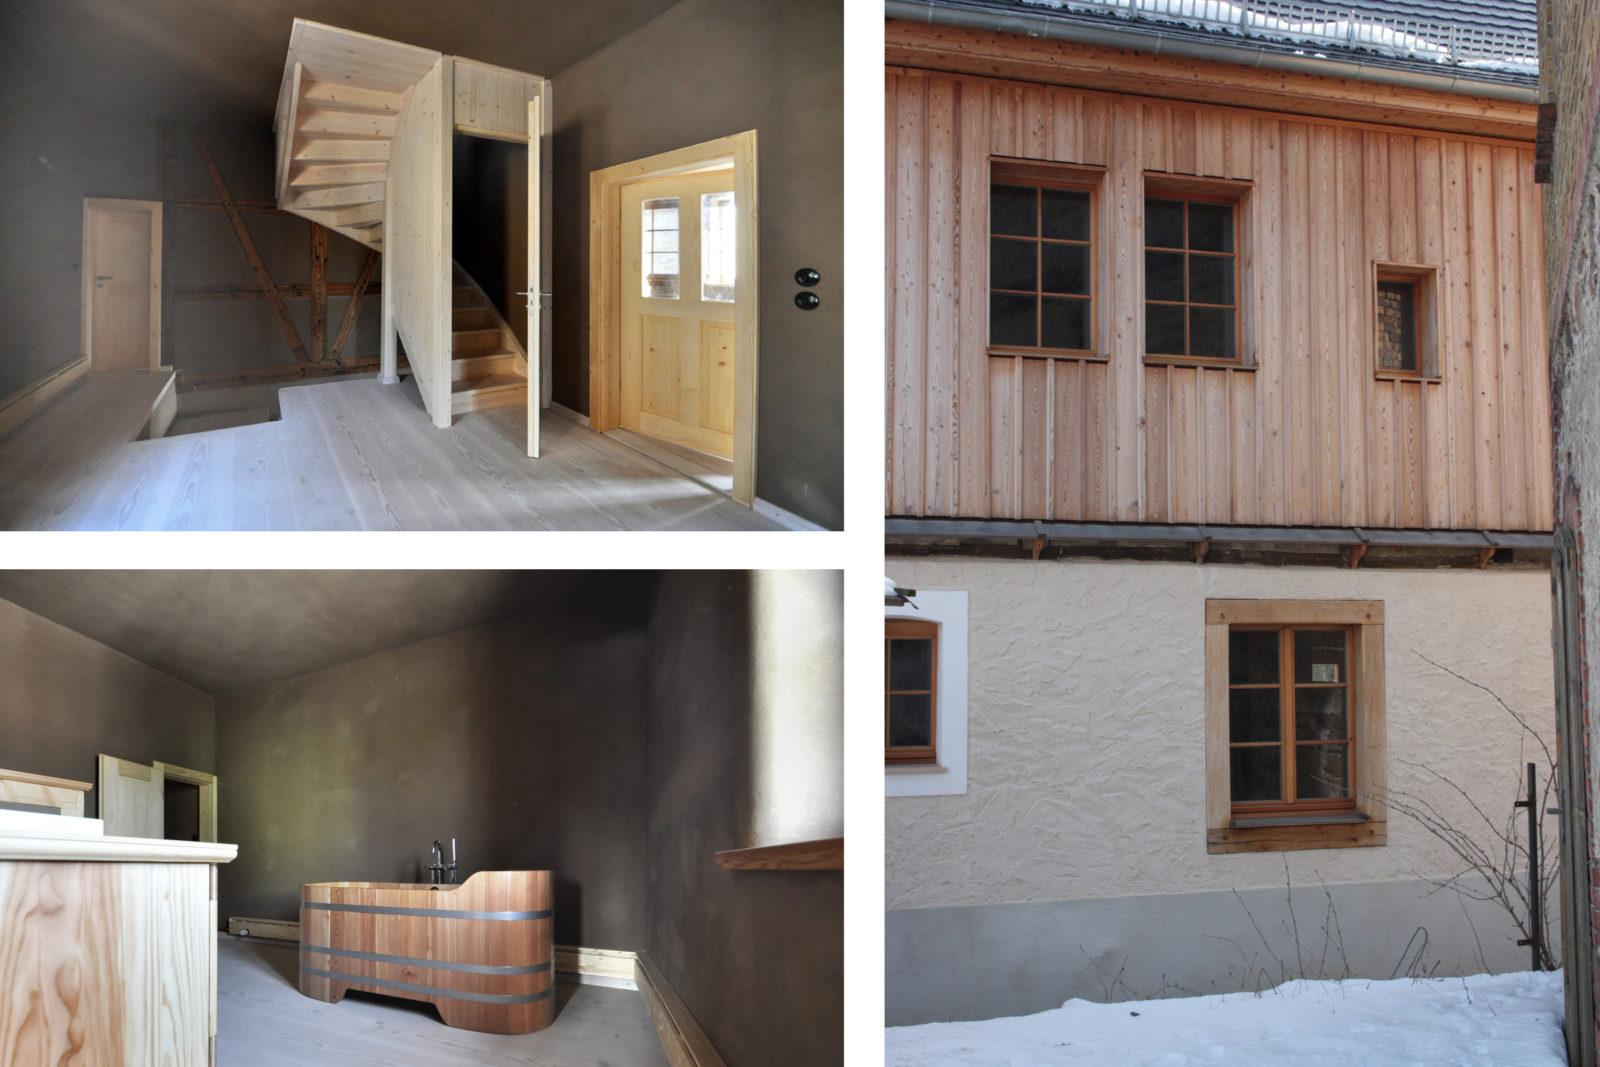 Umbau und Sanierung Baudenkmal Rentmeisterhaus in Püchau - Diele mit Treppe, Badezimmer und Außenansicht